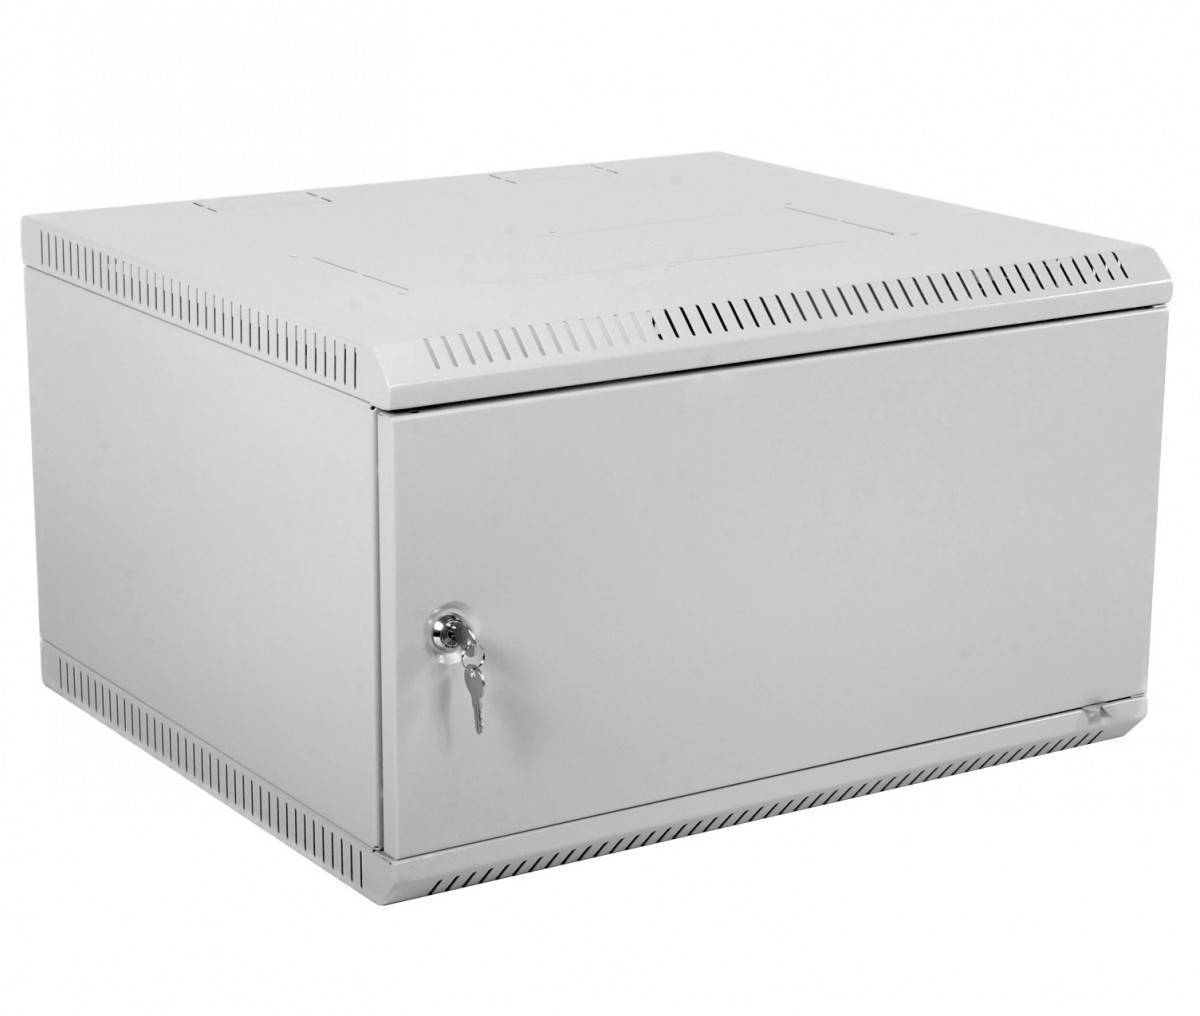 Шкаф телекоммуникационный 19 настенный 9U ЦМО ШРН-Э-9.350.1 дверь металл